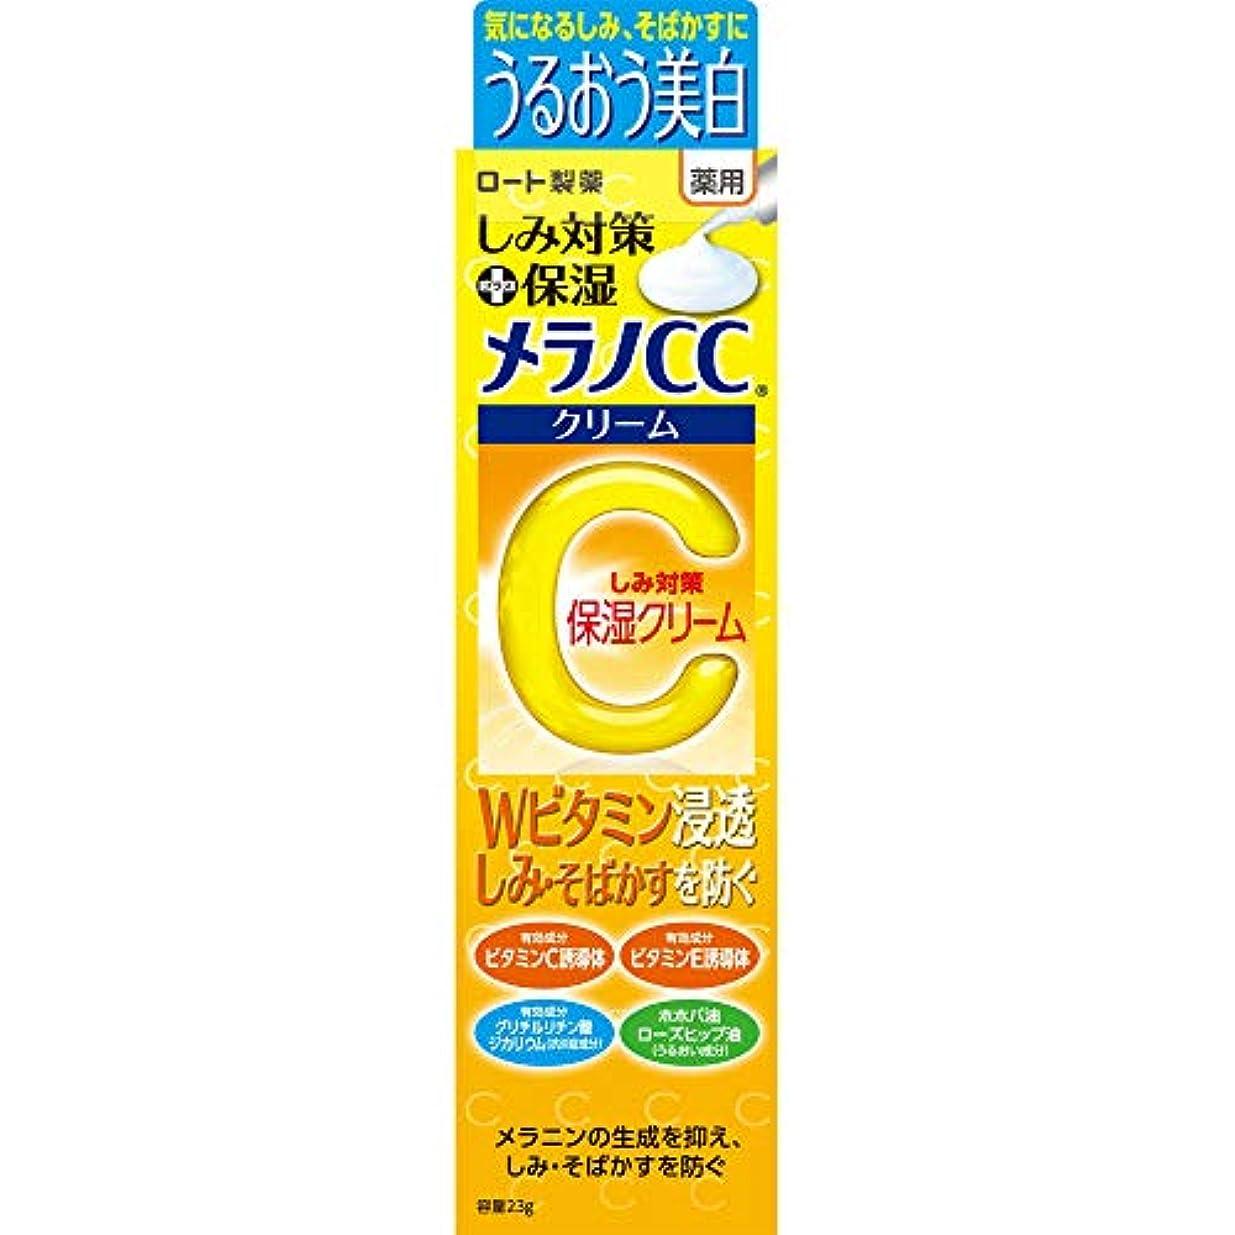 つかの間マークわざわざメラノCC 薬用しみ対策 保湿クリーム 23g